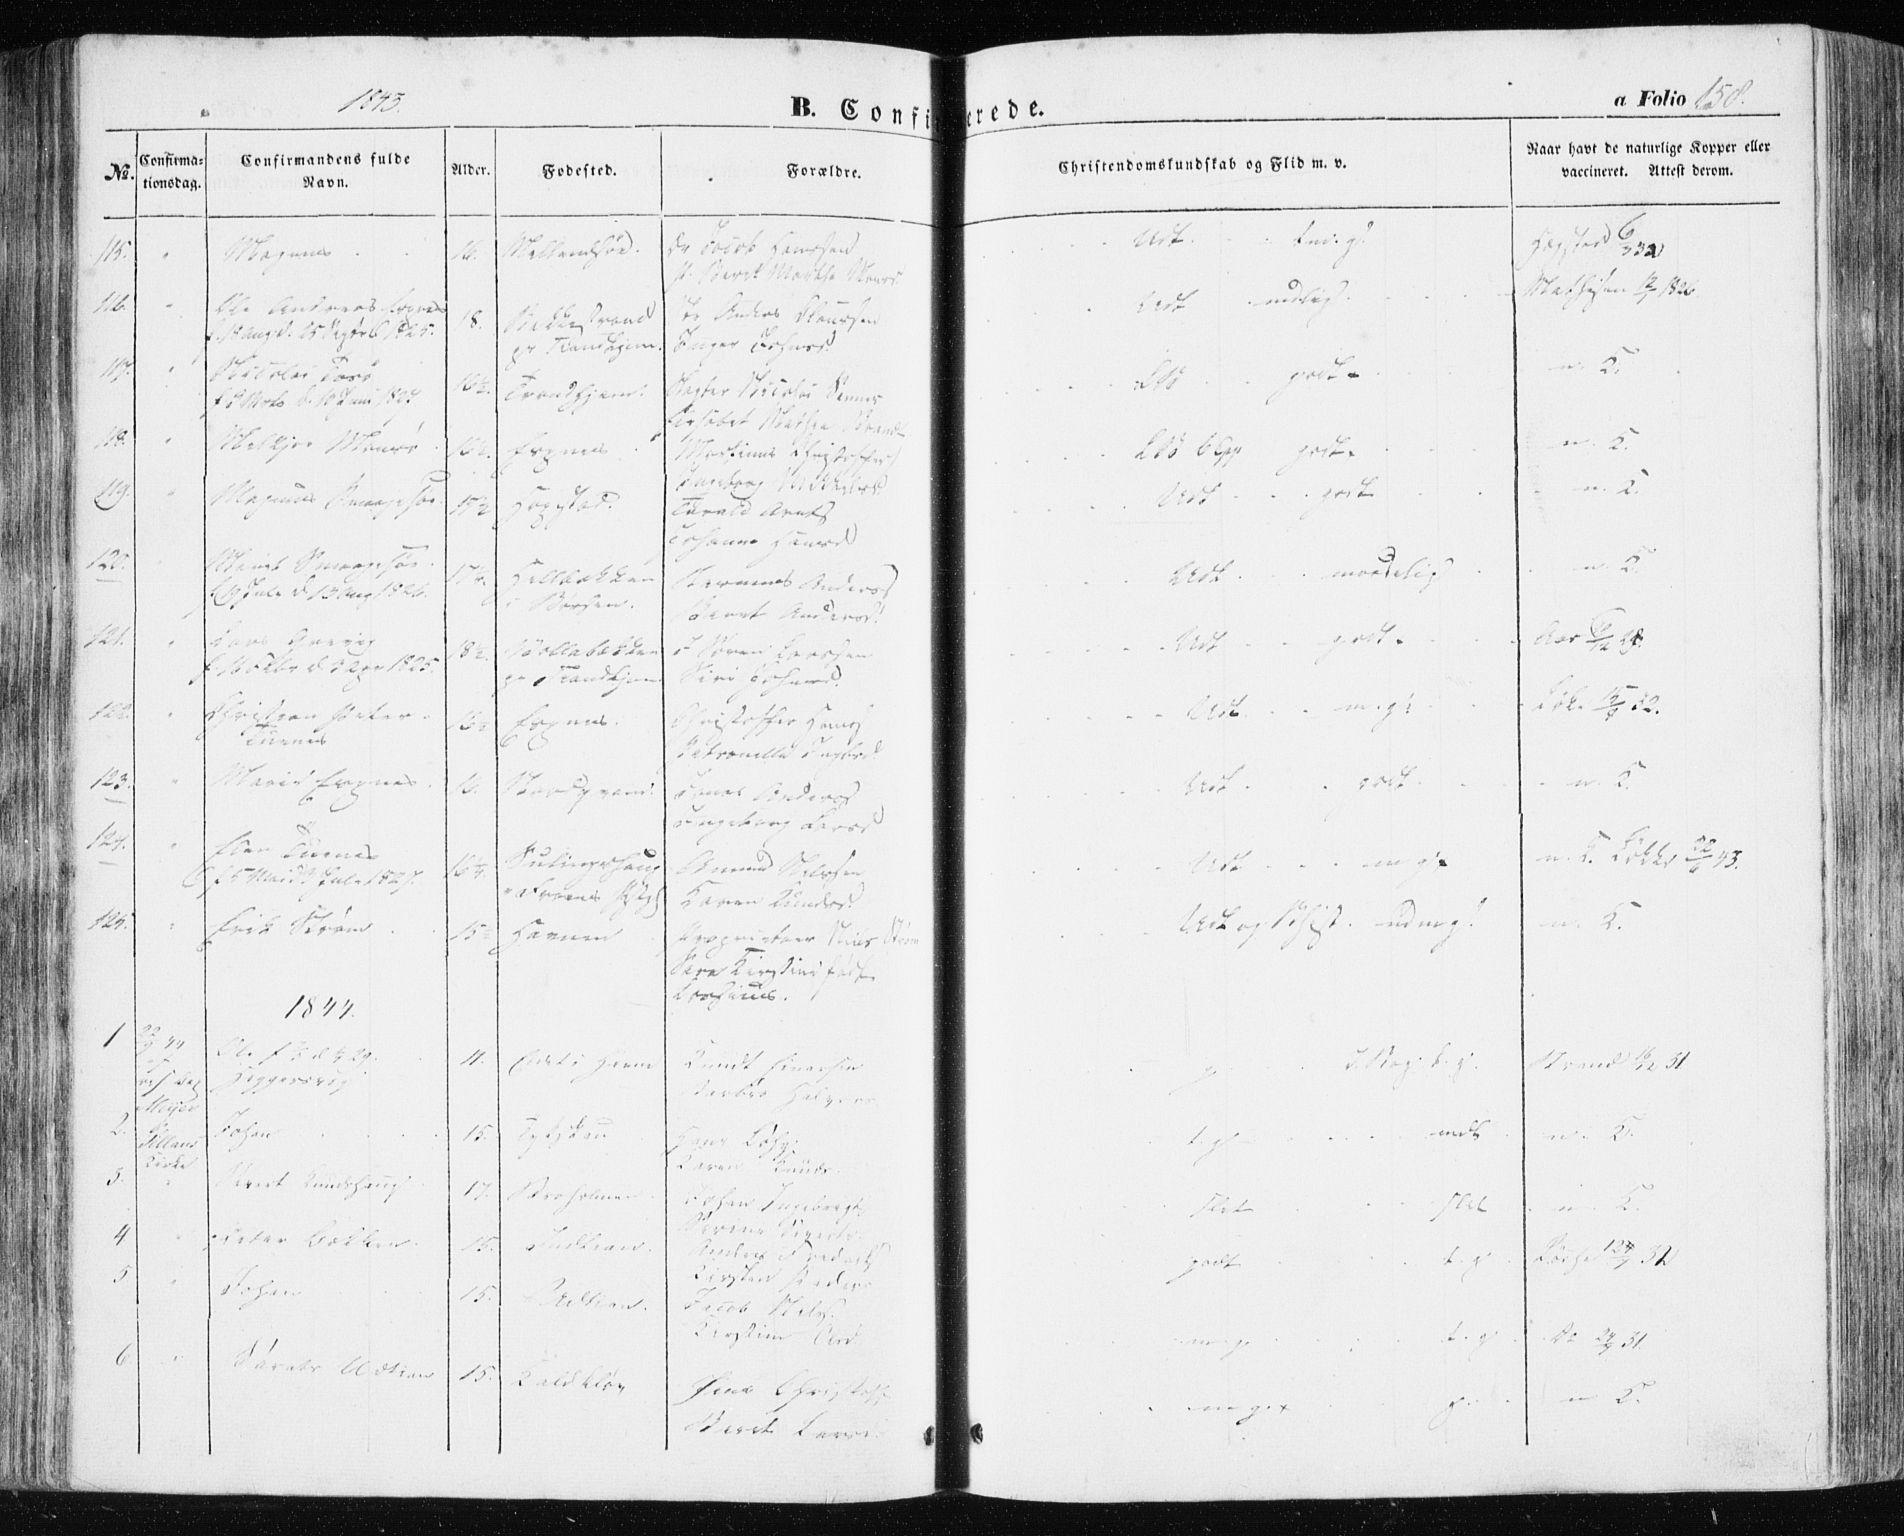 SAT, Ministerialprotokoller, klokkerbøker og fødselsregistre - Sør-Trøndelag, 634/L0529: Ministerialbok nr. 634A05, 1843-1851, s. 158